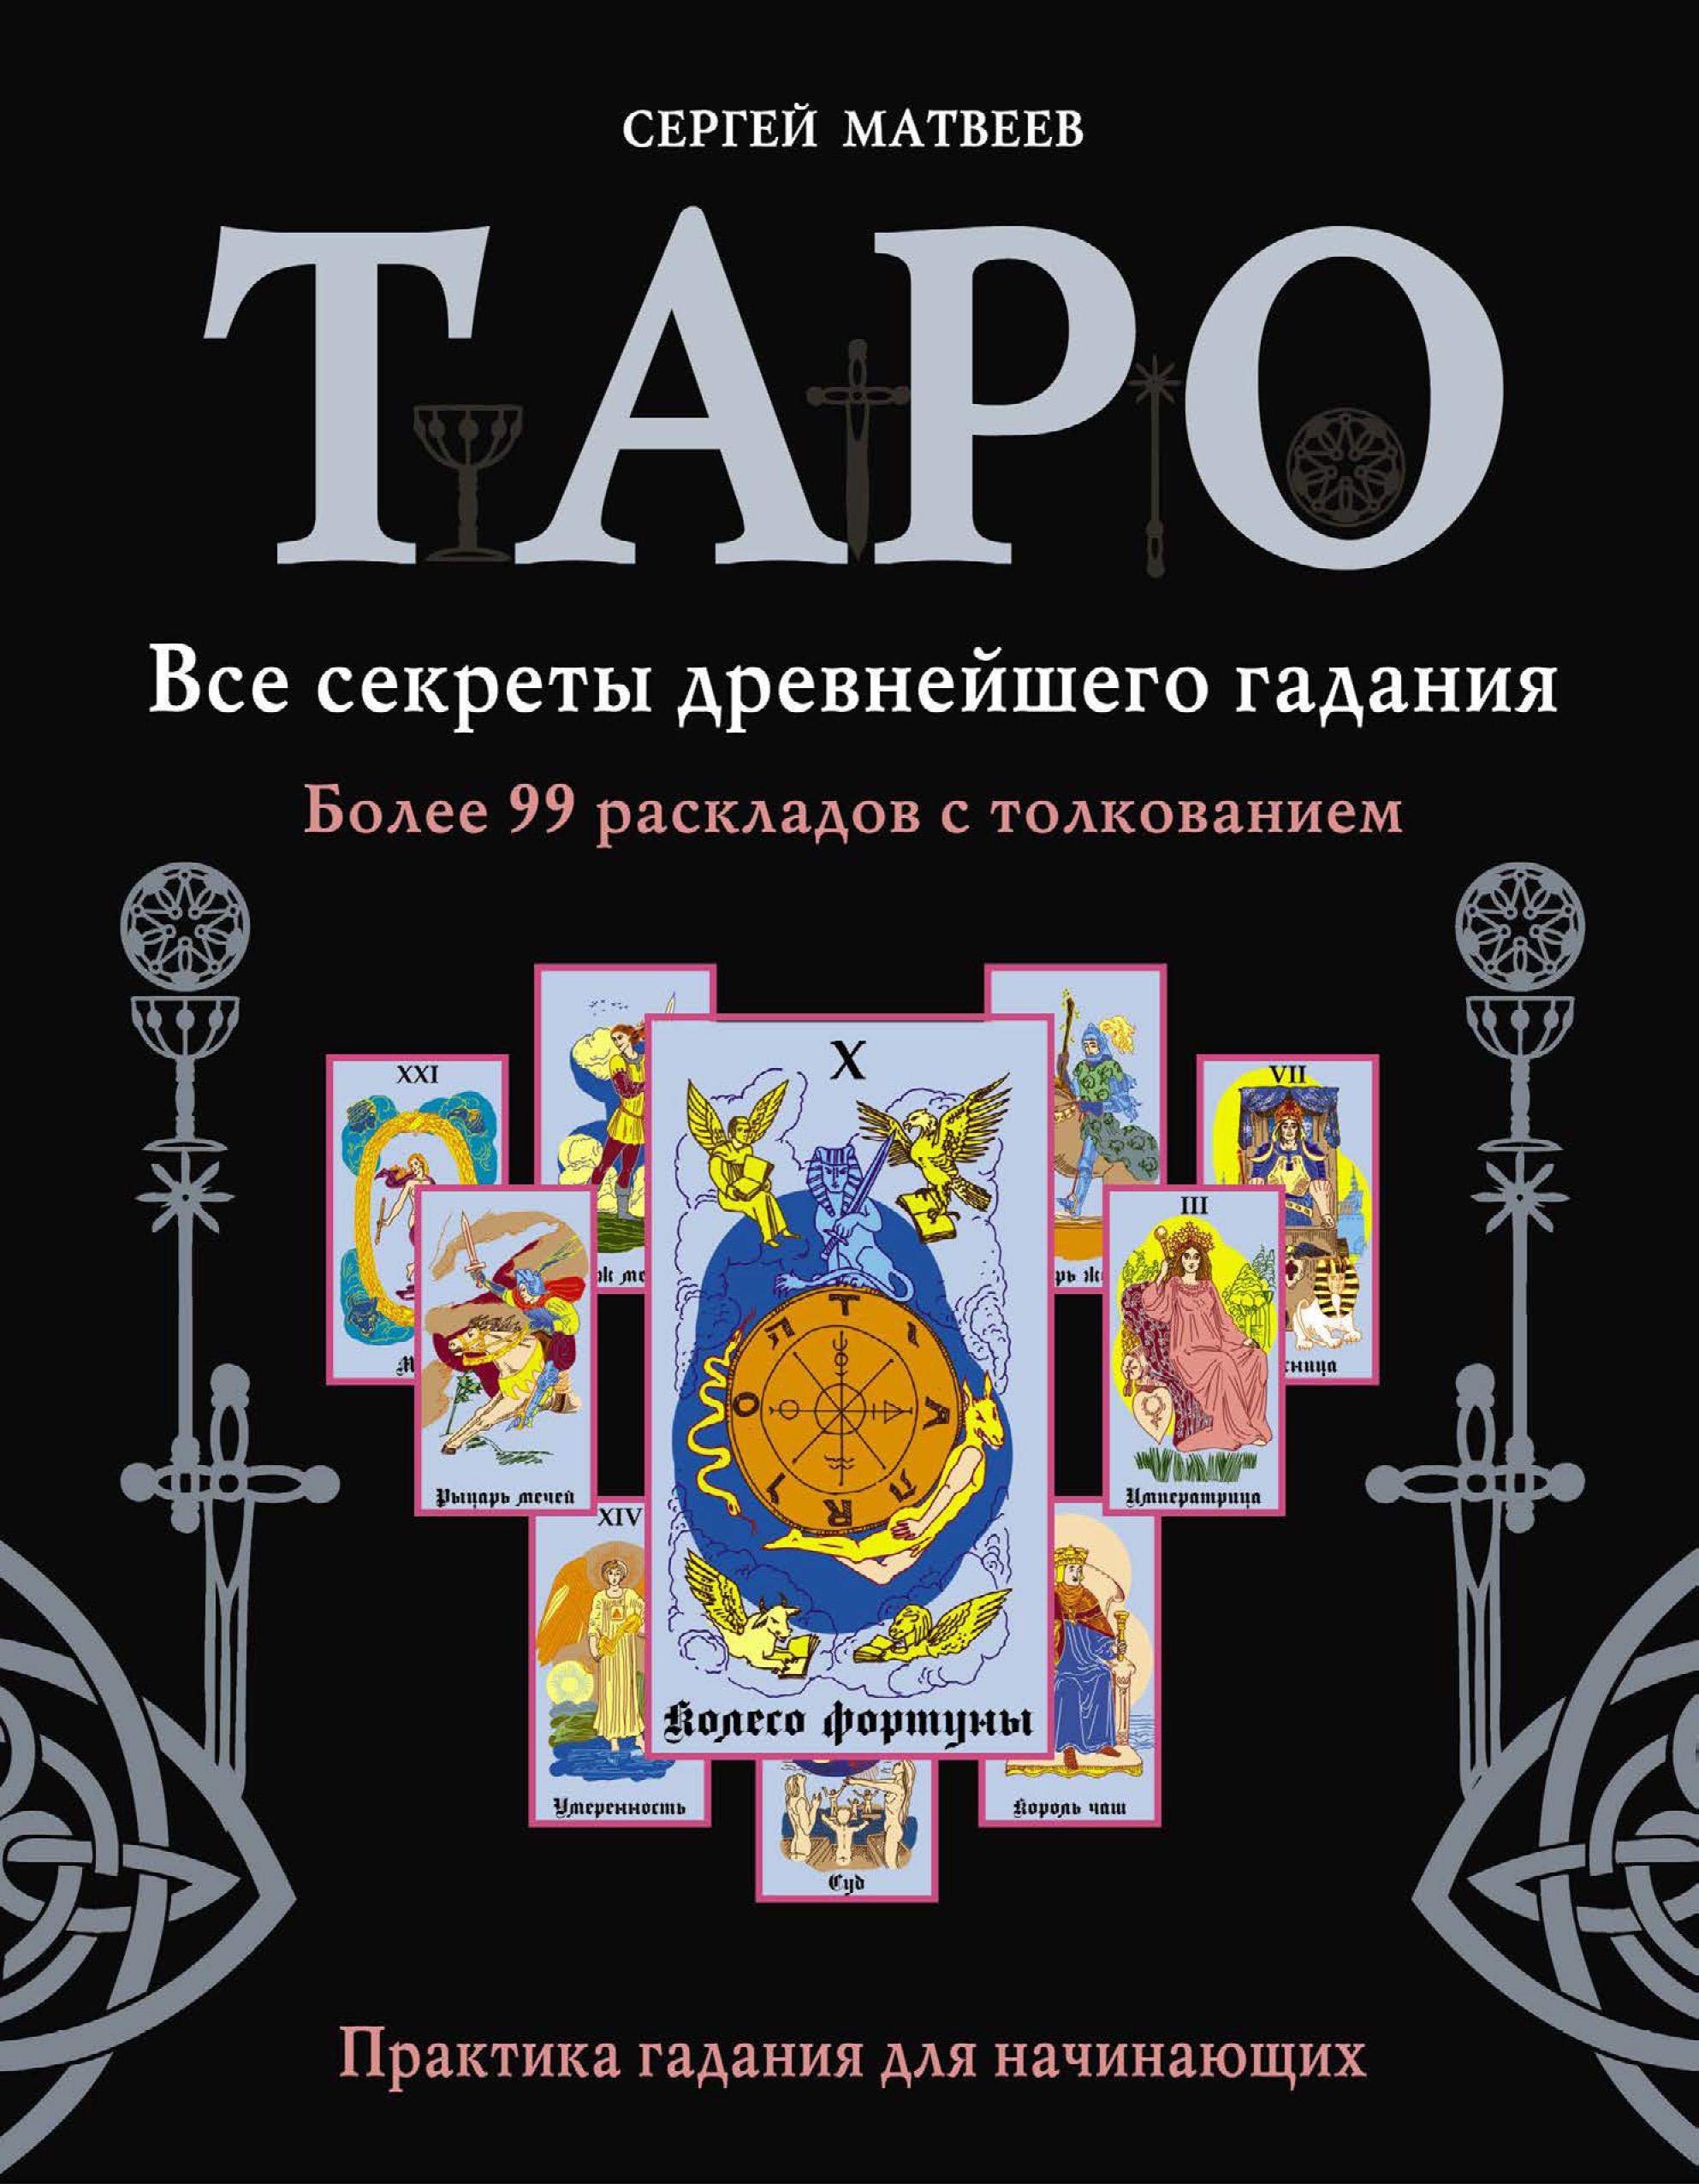 С. А. Матвеев Таро. Все секреты древнейшего гадания. Более 99 раскладов с толкованием. Практика гадания для начинающих